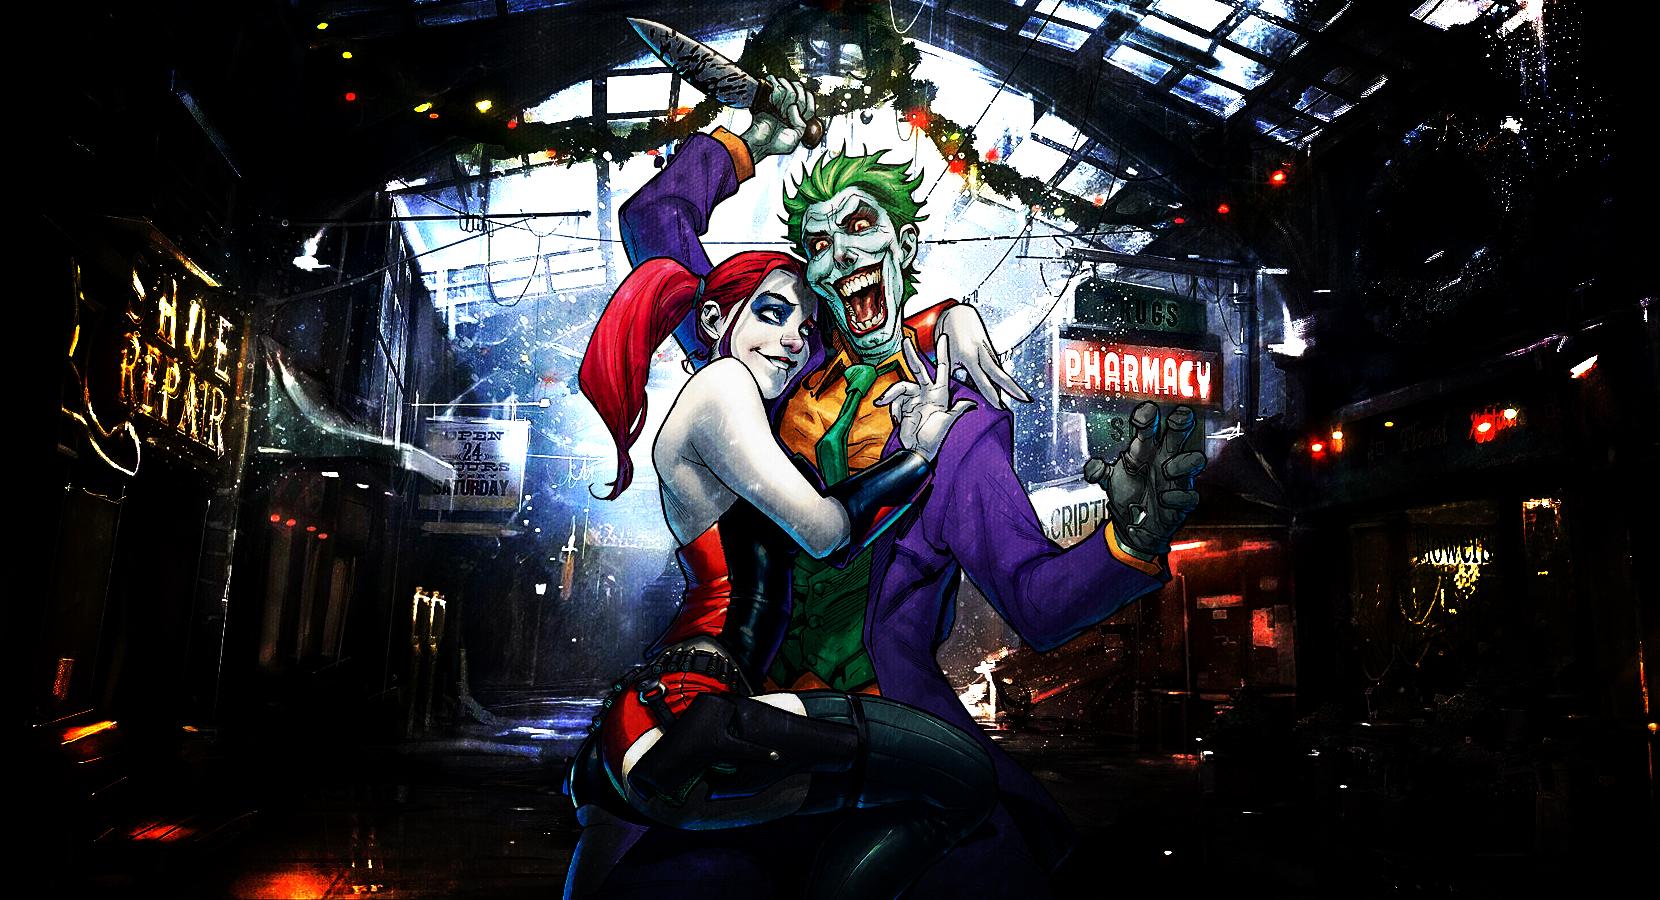 Harley Quinn And Joker Wallpaper Ver 2 By Franky4fingersx2